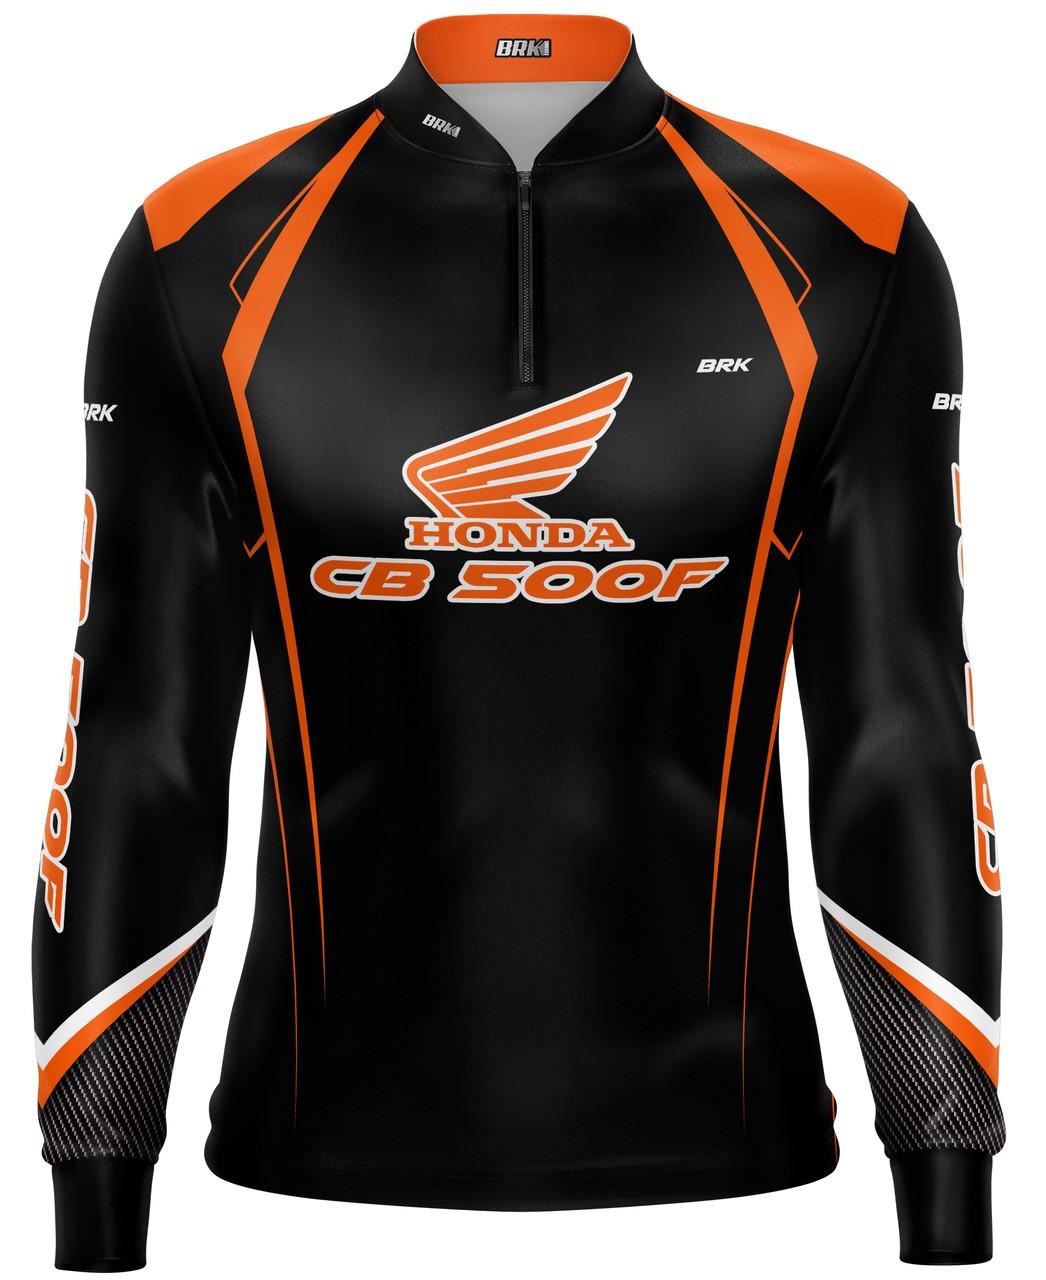 Camiseta Brk Motociclismo Honda CB 500F com FPU 50+